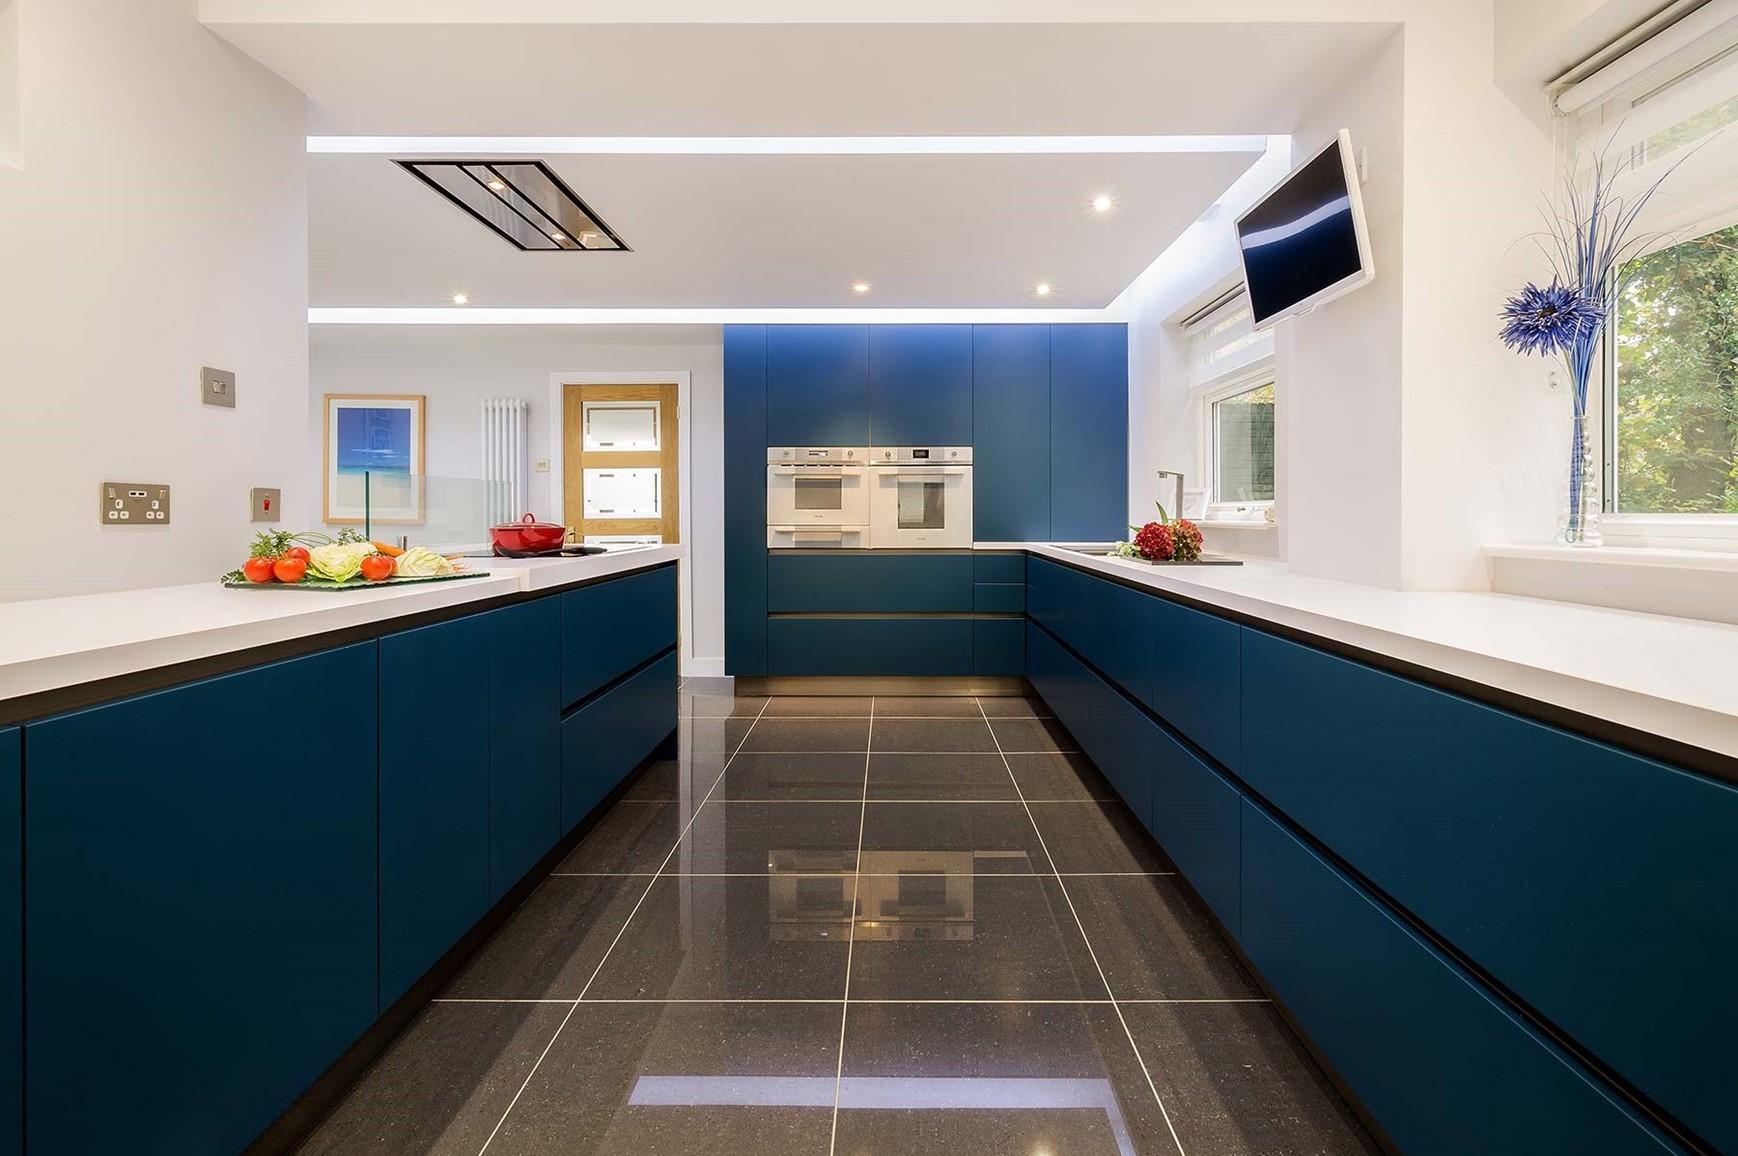 Armoires de cuisine bleu canard en combinaison avec des murs et des comptoirs blancs.